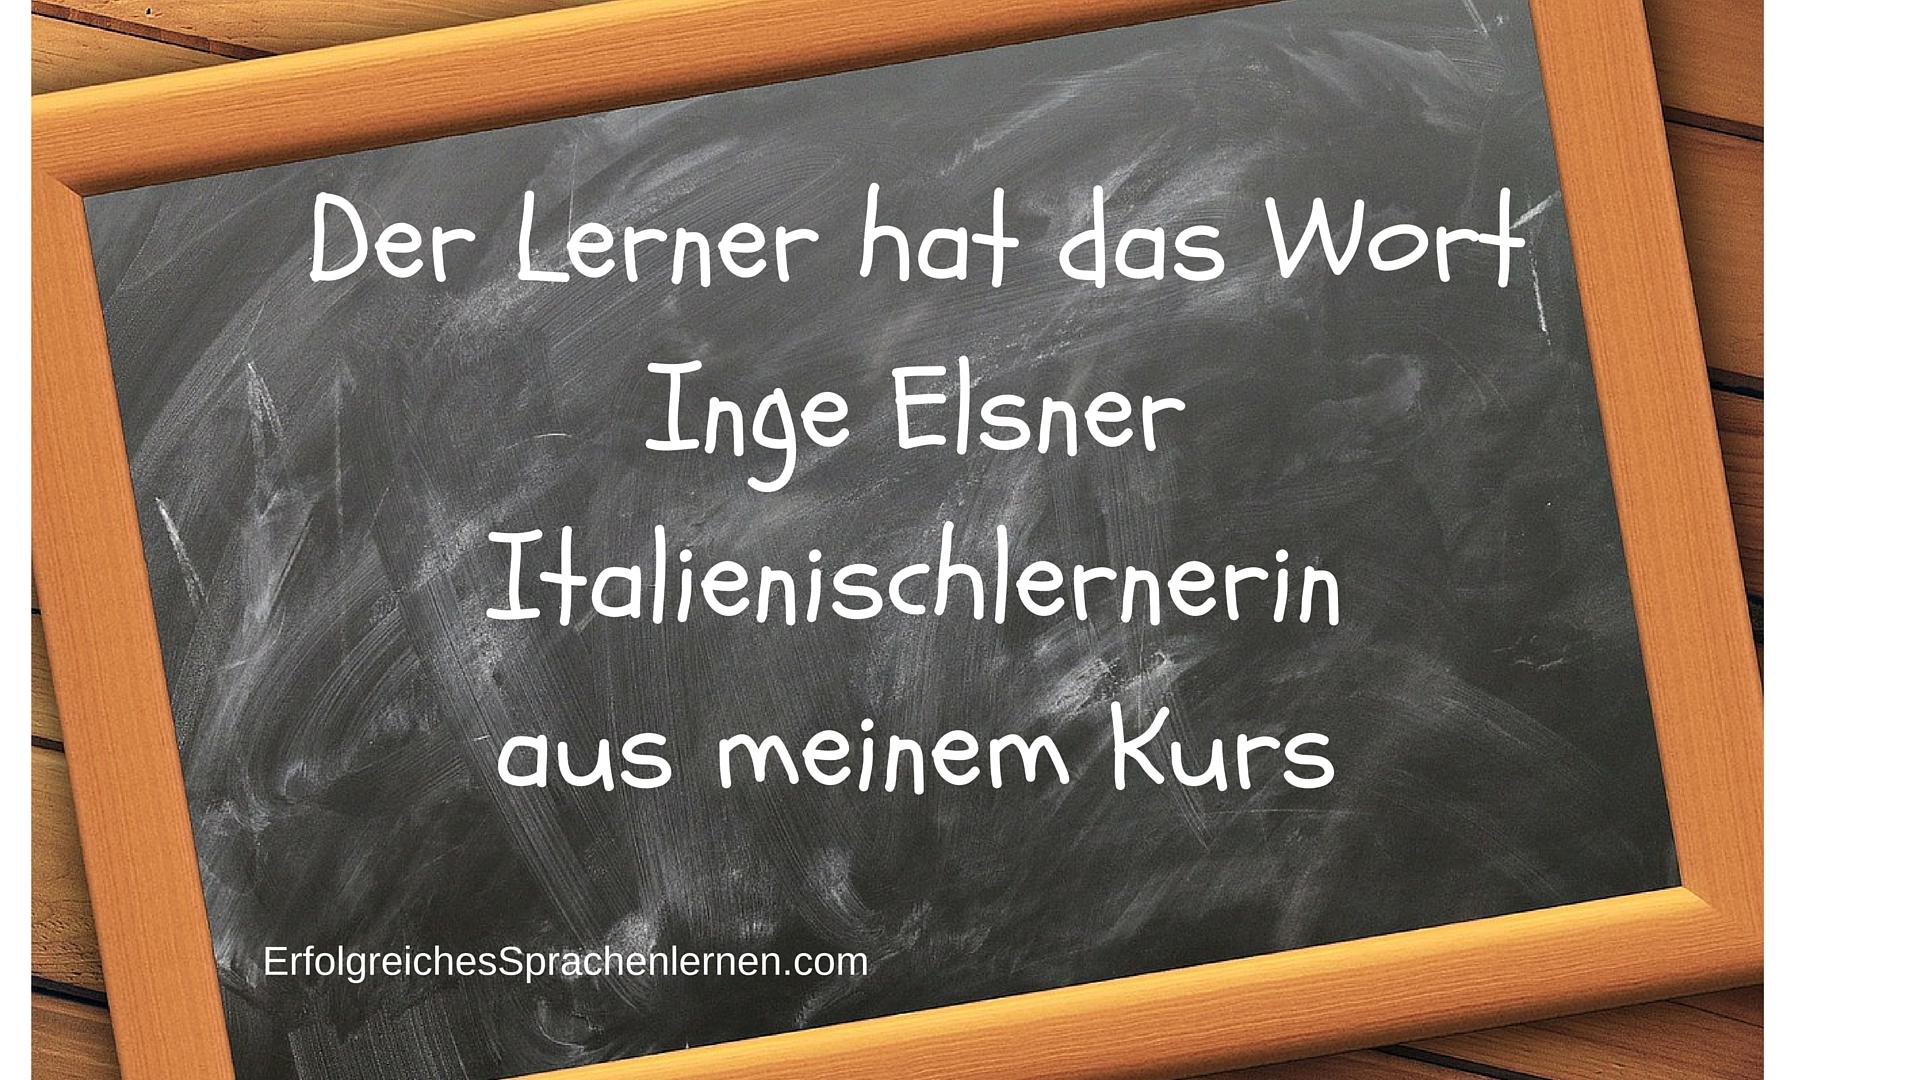 Der Lerner hat das Wort Inge Elsner